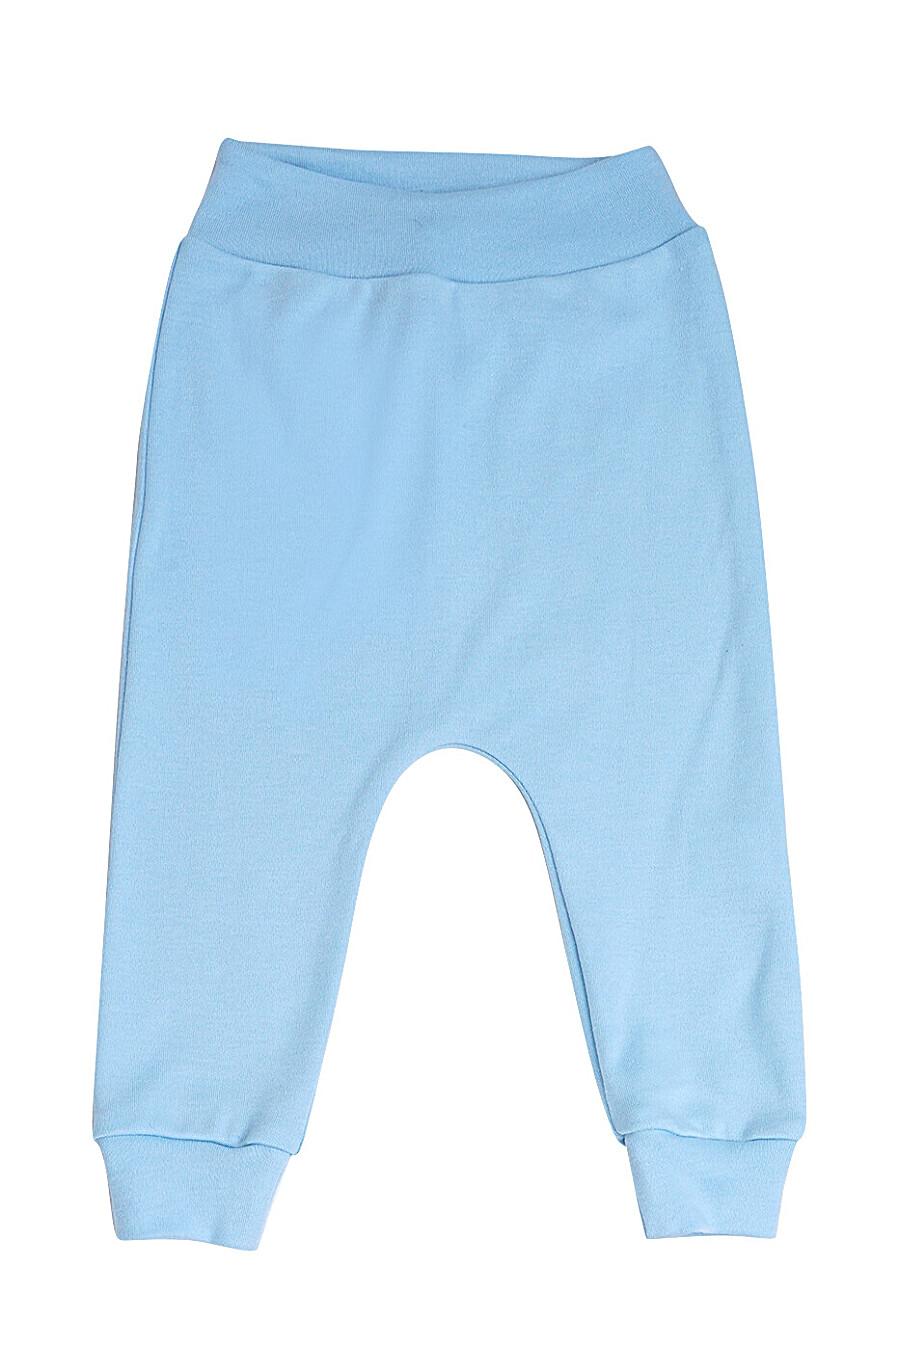 Брюки для девочек CLEVER 272892 купить оптом от производителя. Совместная покупка детской одежды в OptMoyo